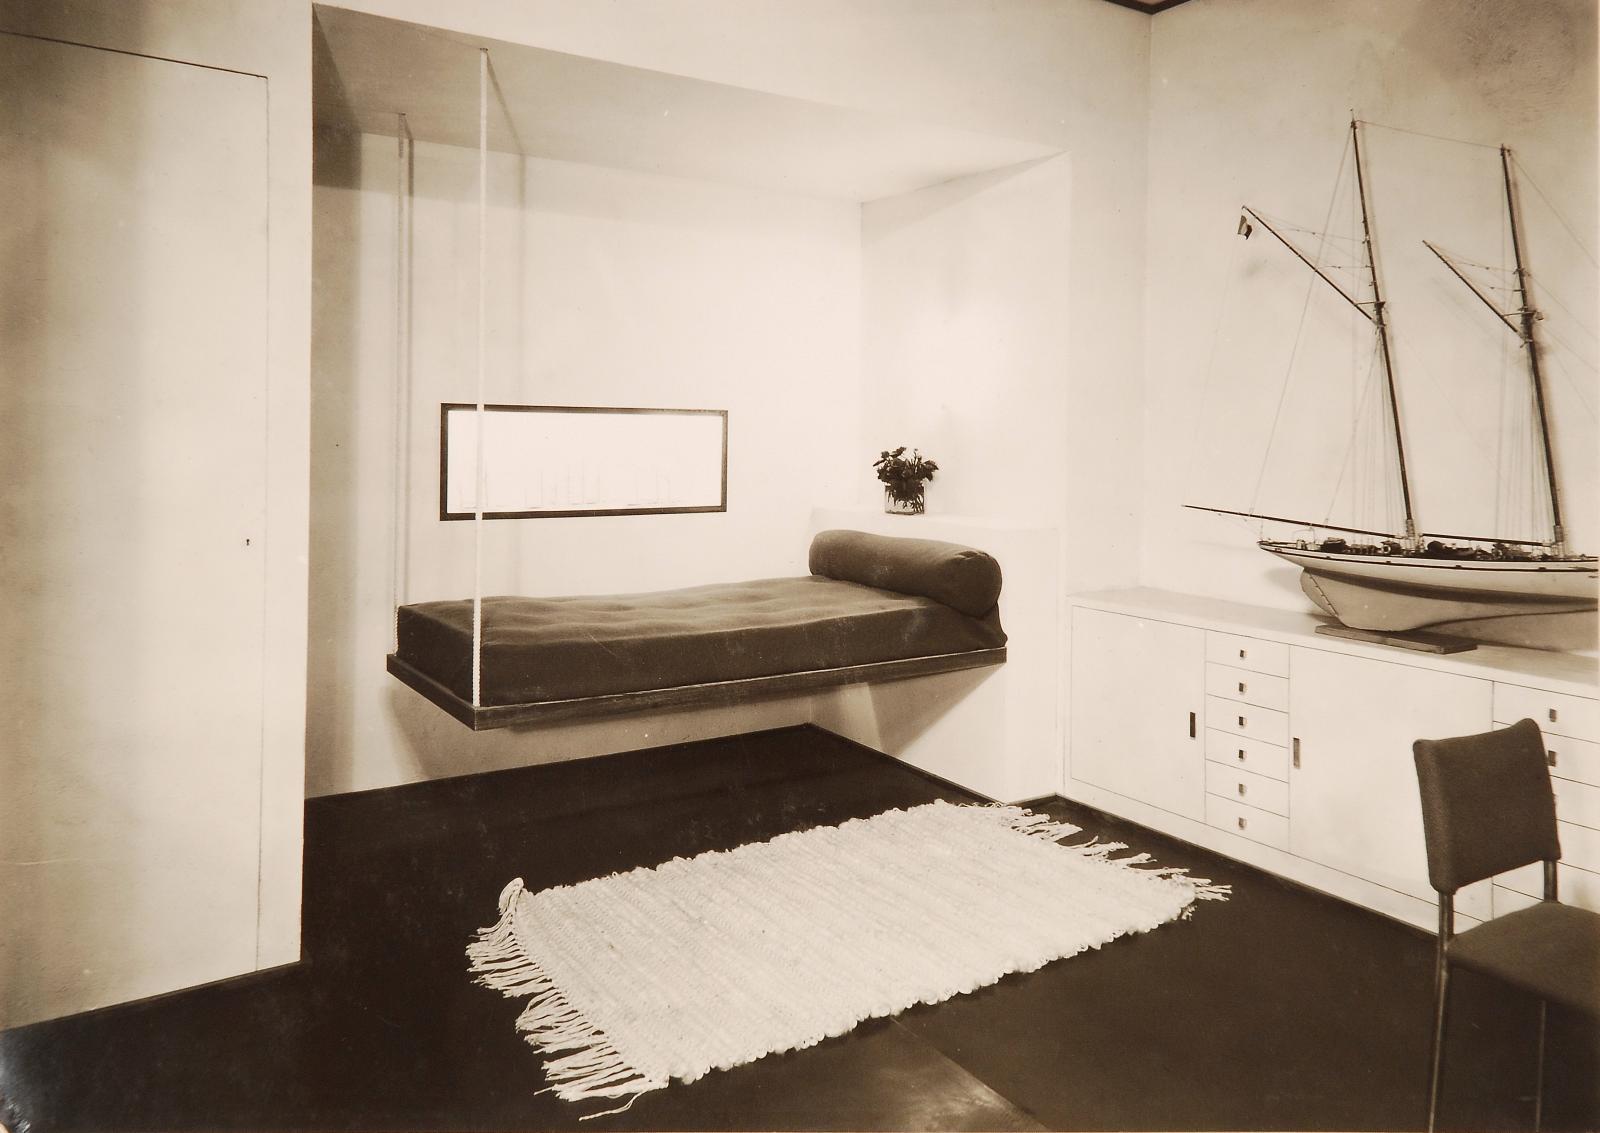 Yachtsman's bedroom, Salon d'automne 1933, Archives Djo-Bourgeois. S.A.Photo courtesy of Ville de Paris, Bibliothèque Forney